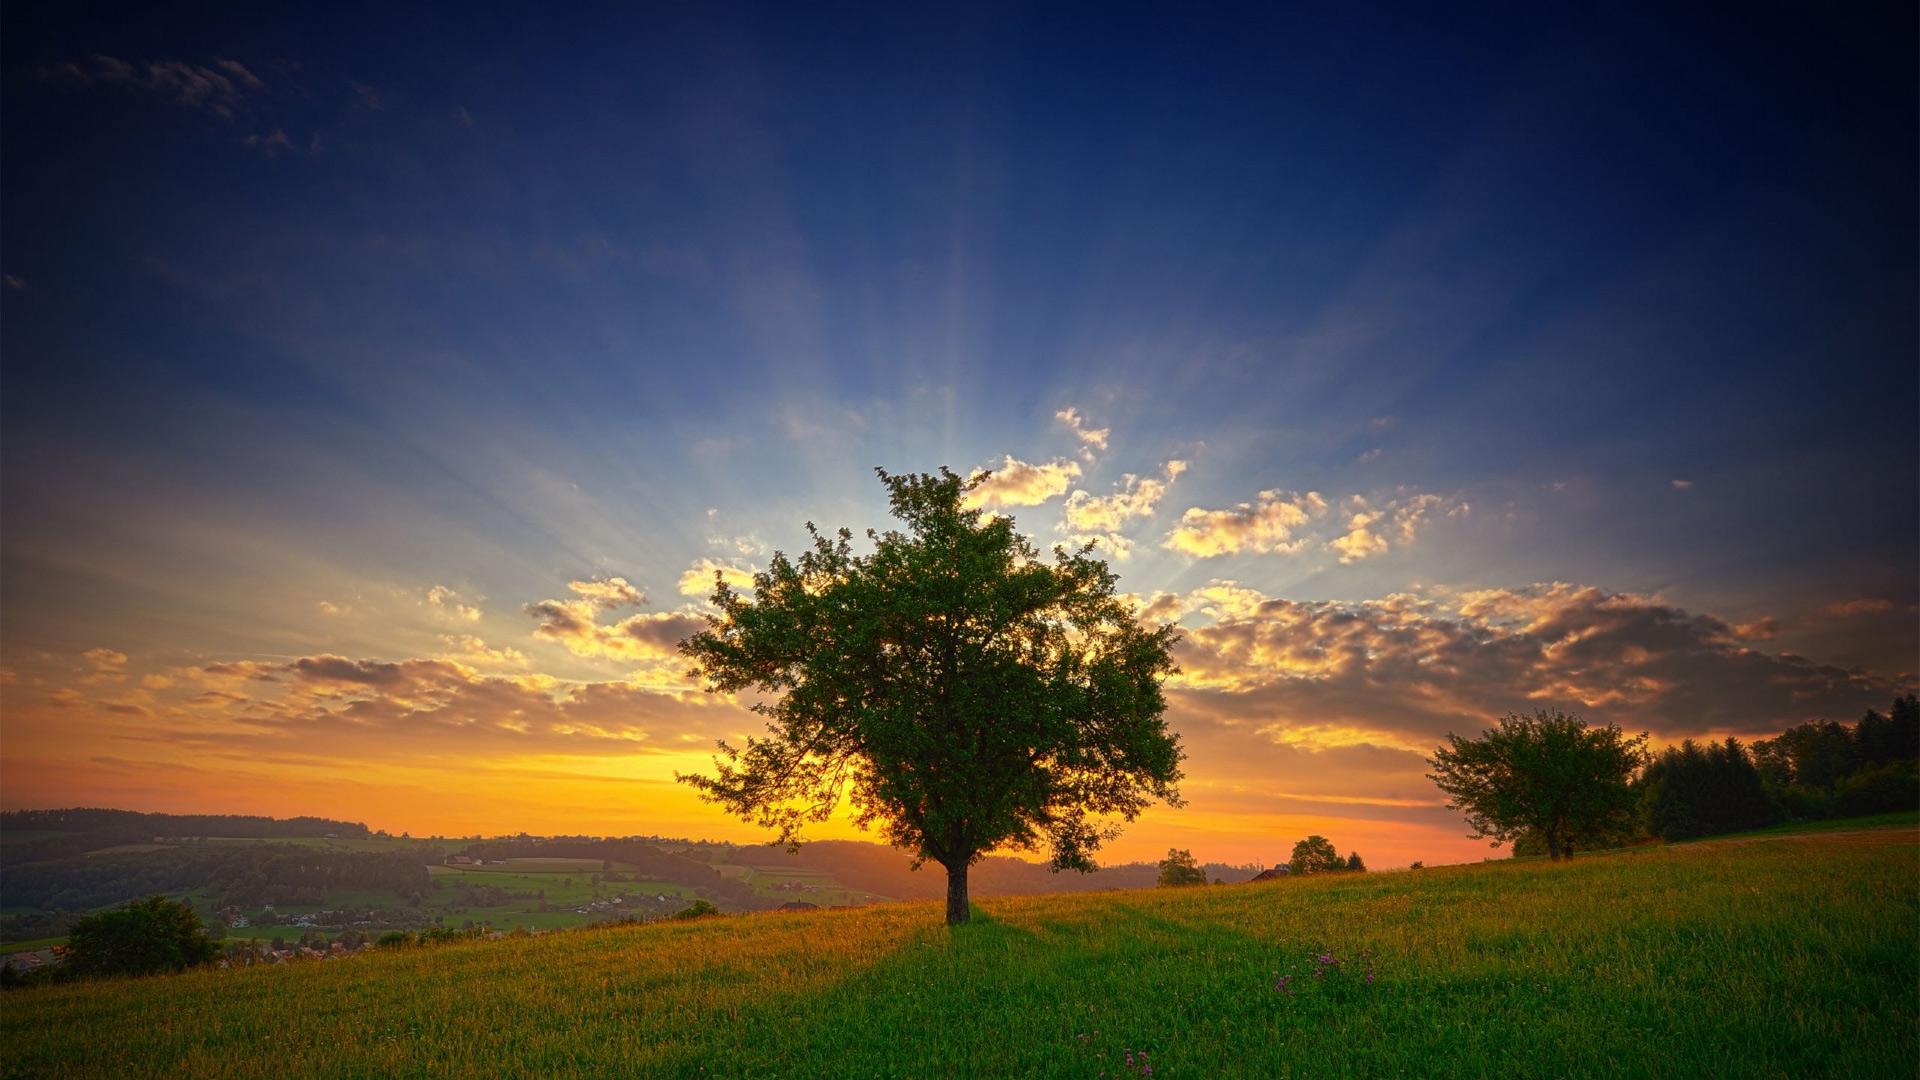 Рассвет в природе картинки